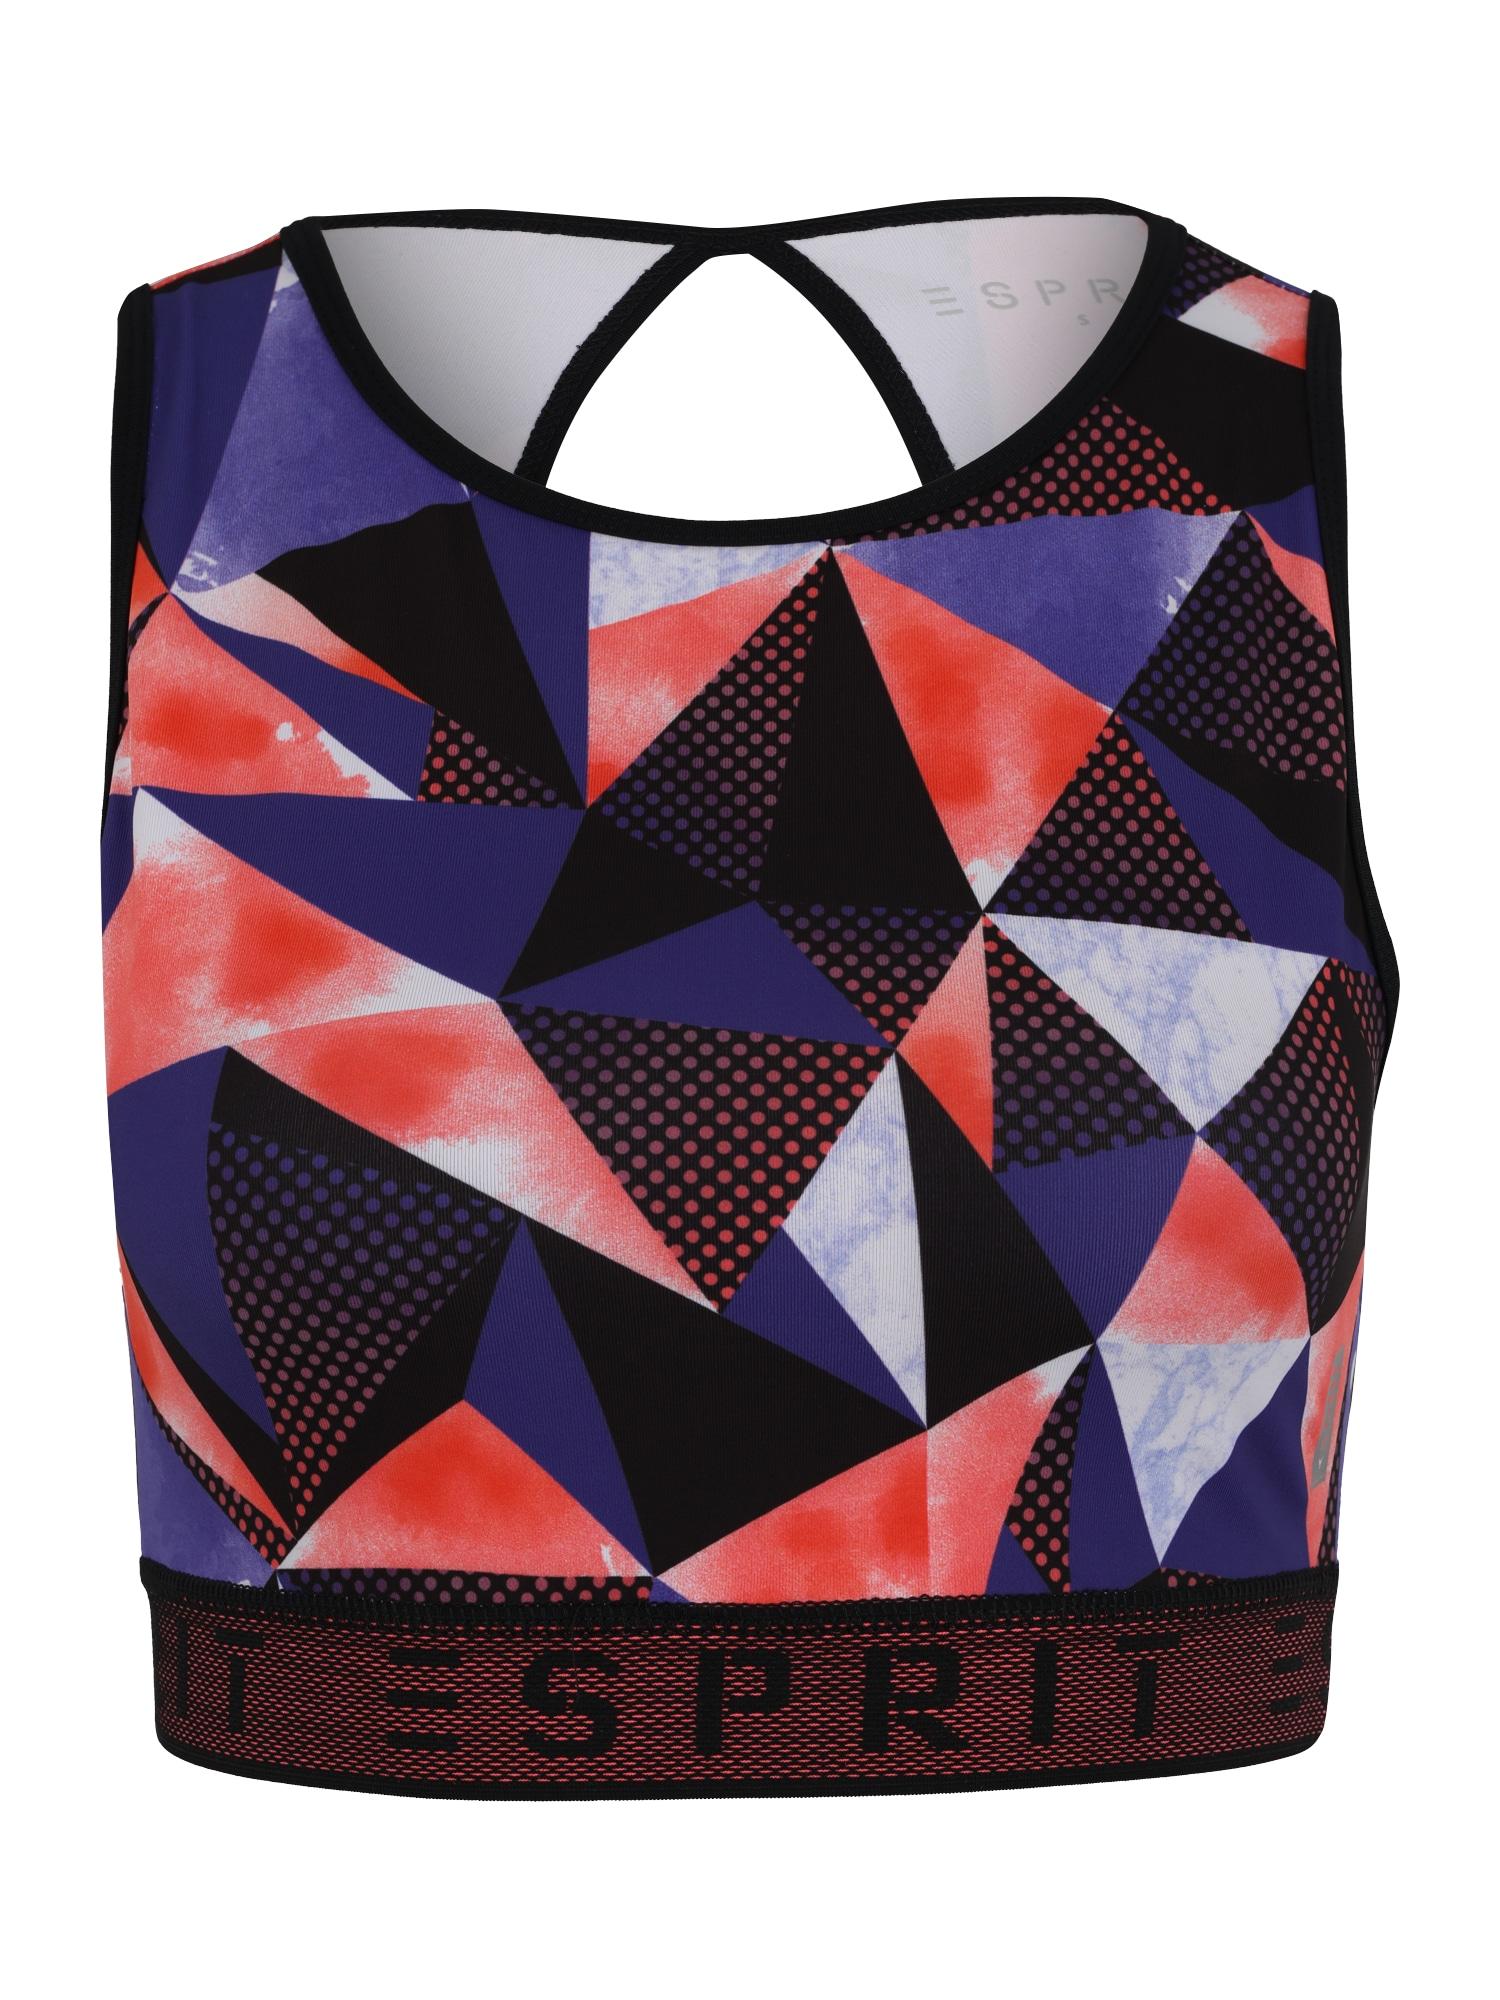 Sportovní podprsenka modrá oranžově červená černá ESPRIT SPORTS